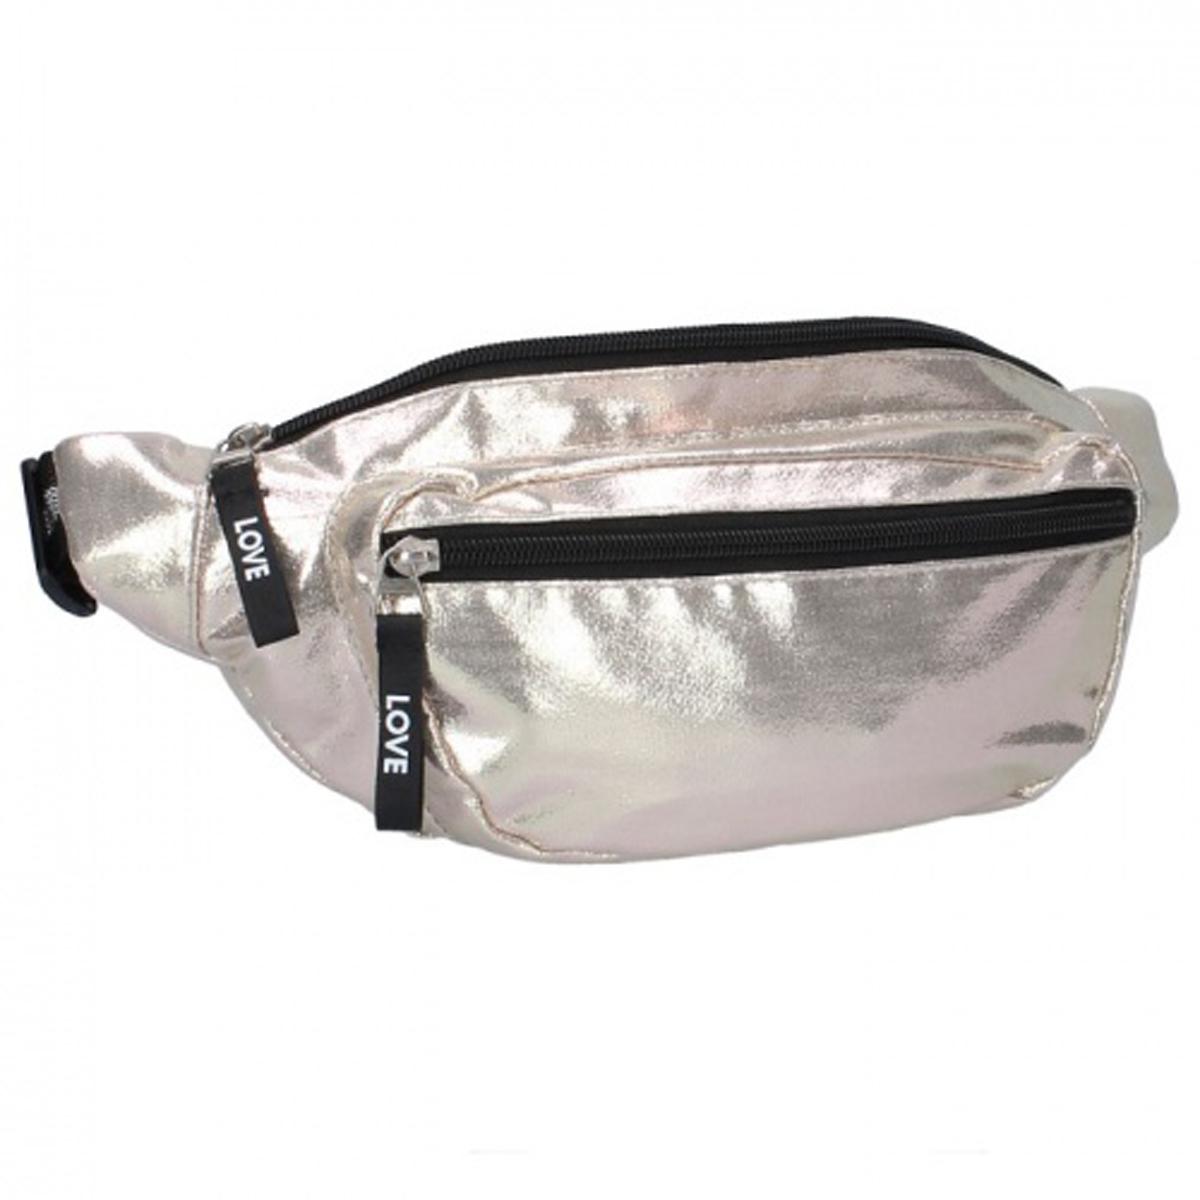 Sac banane / pochette ceinture \'Milky Kiss\' doré (shiny) - 35x15x5 cm - [Q7447]